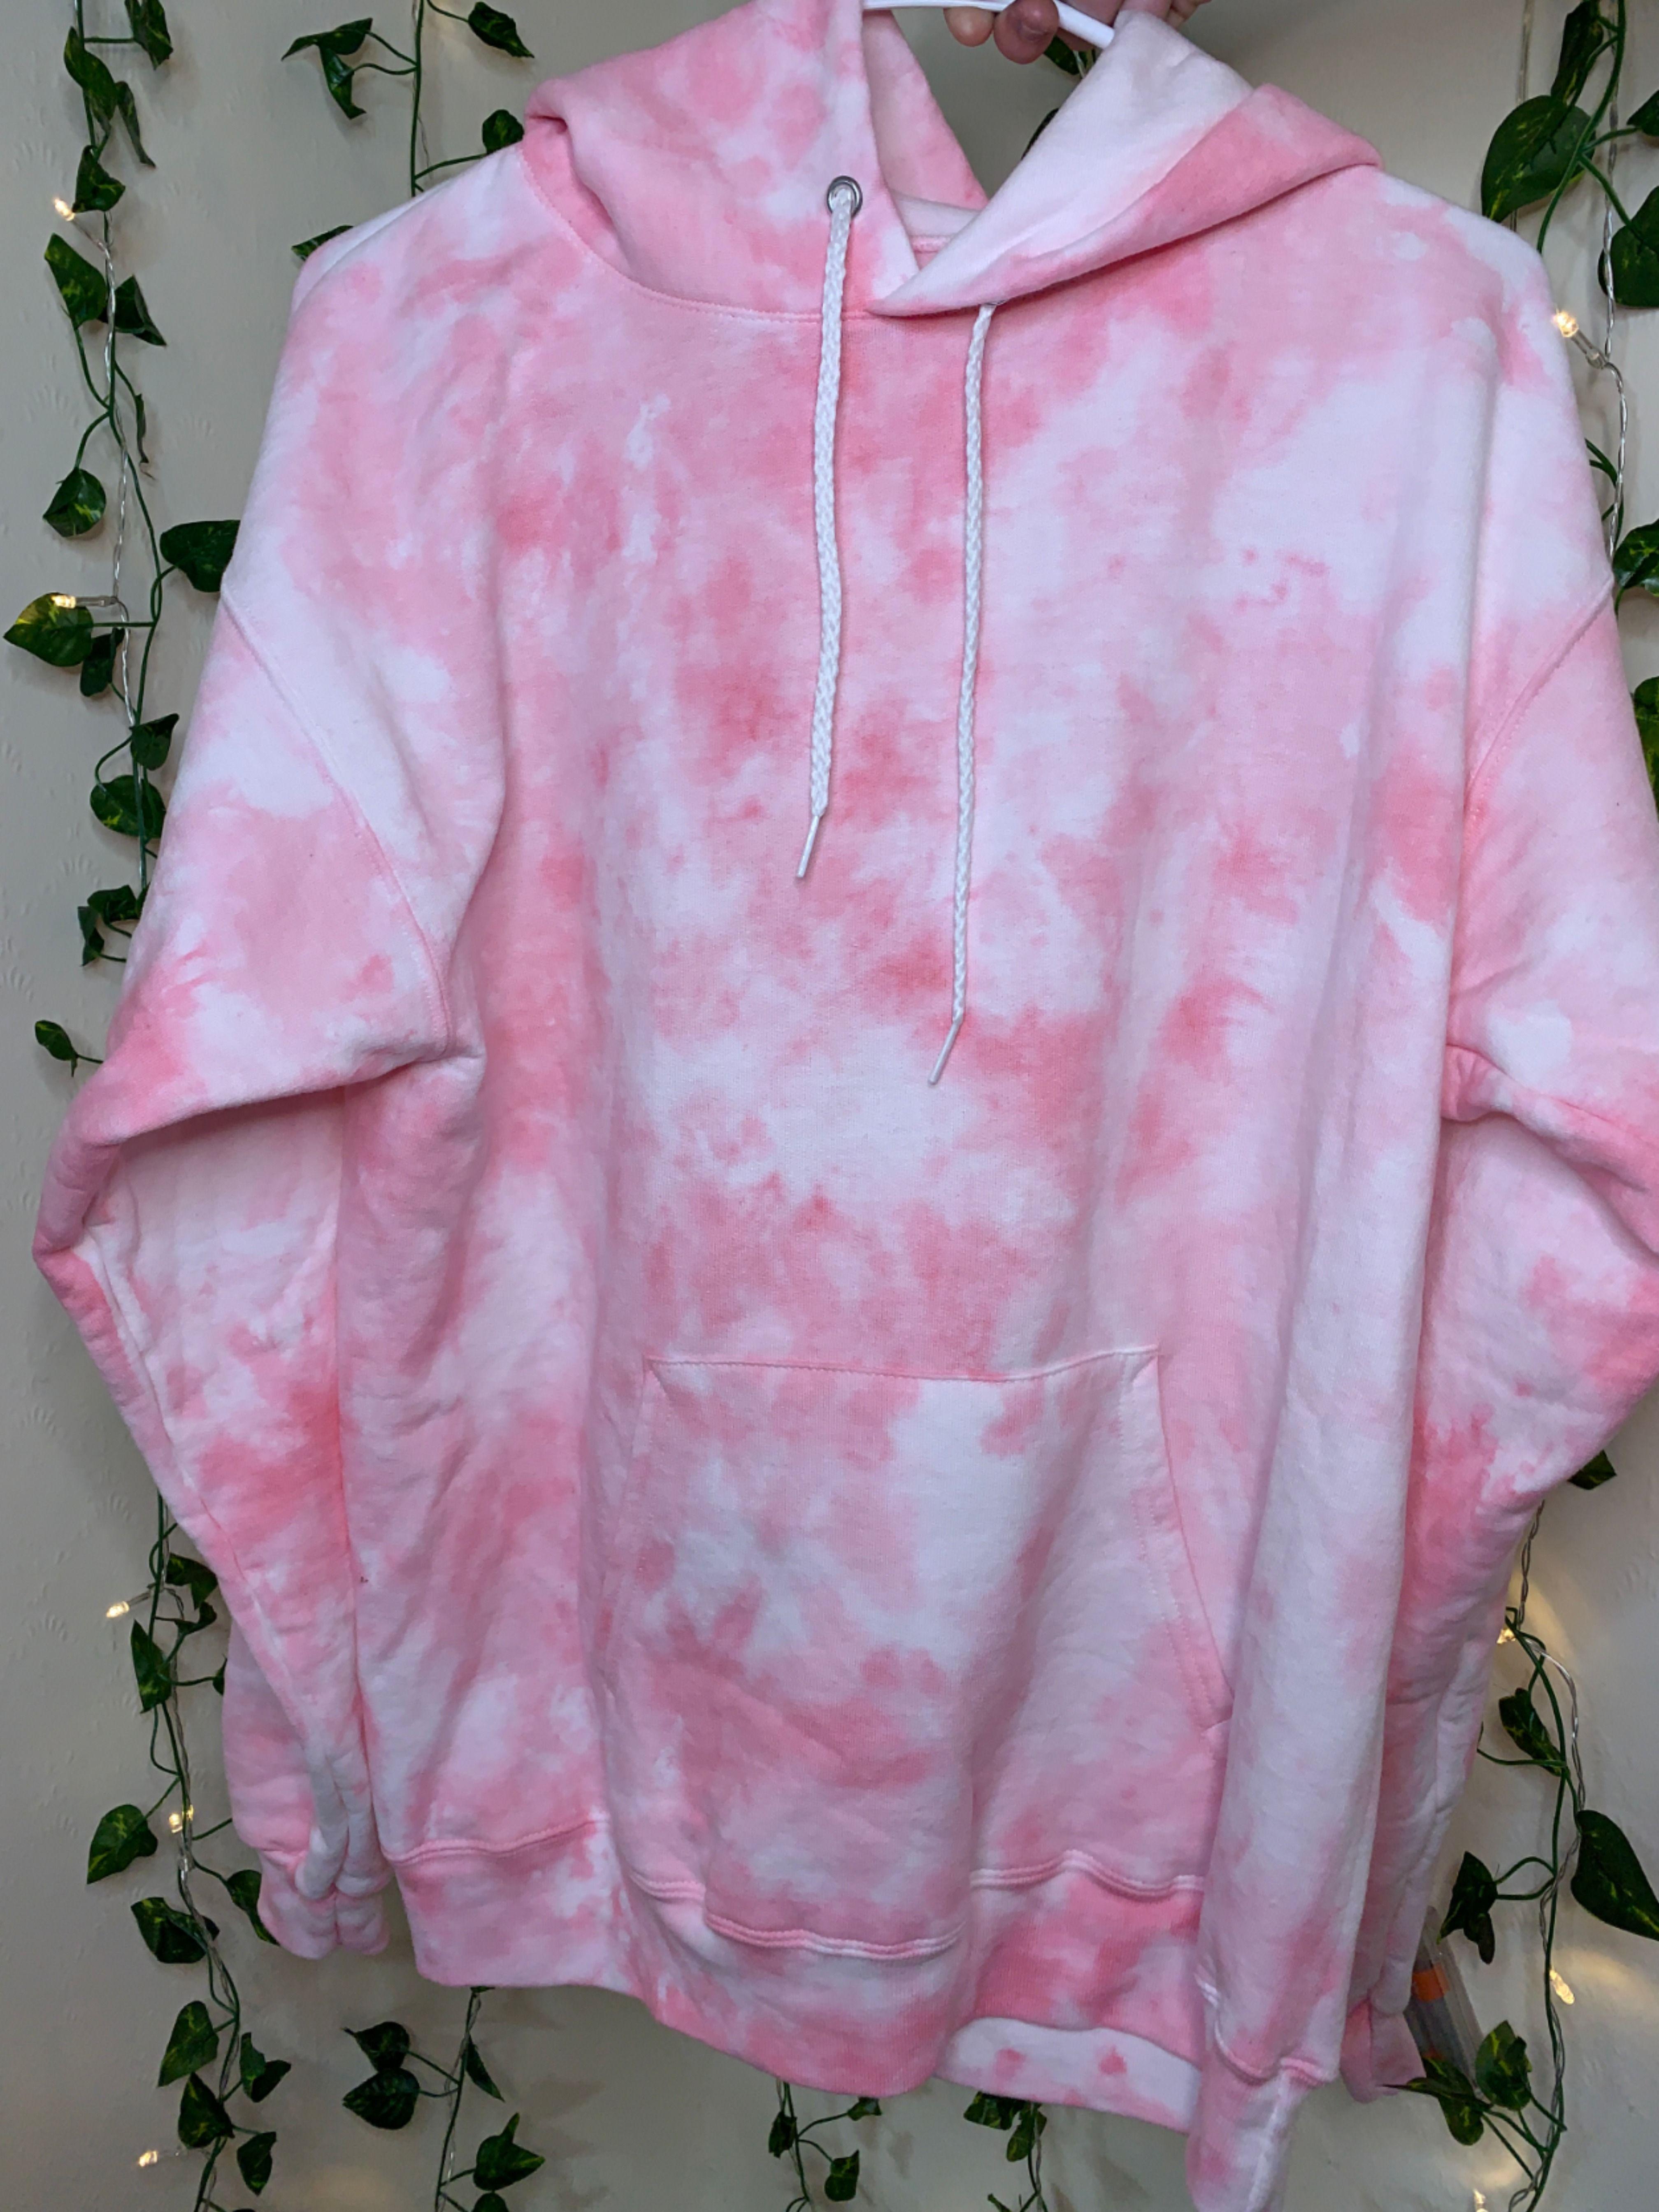 Rose Pink Hoodie Etsy Tie Dye Hoodie Pink Hoodie Hoodies [ 5376 x 4032 Pixel ]